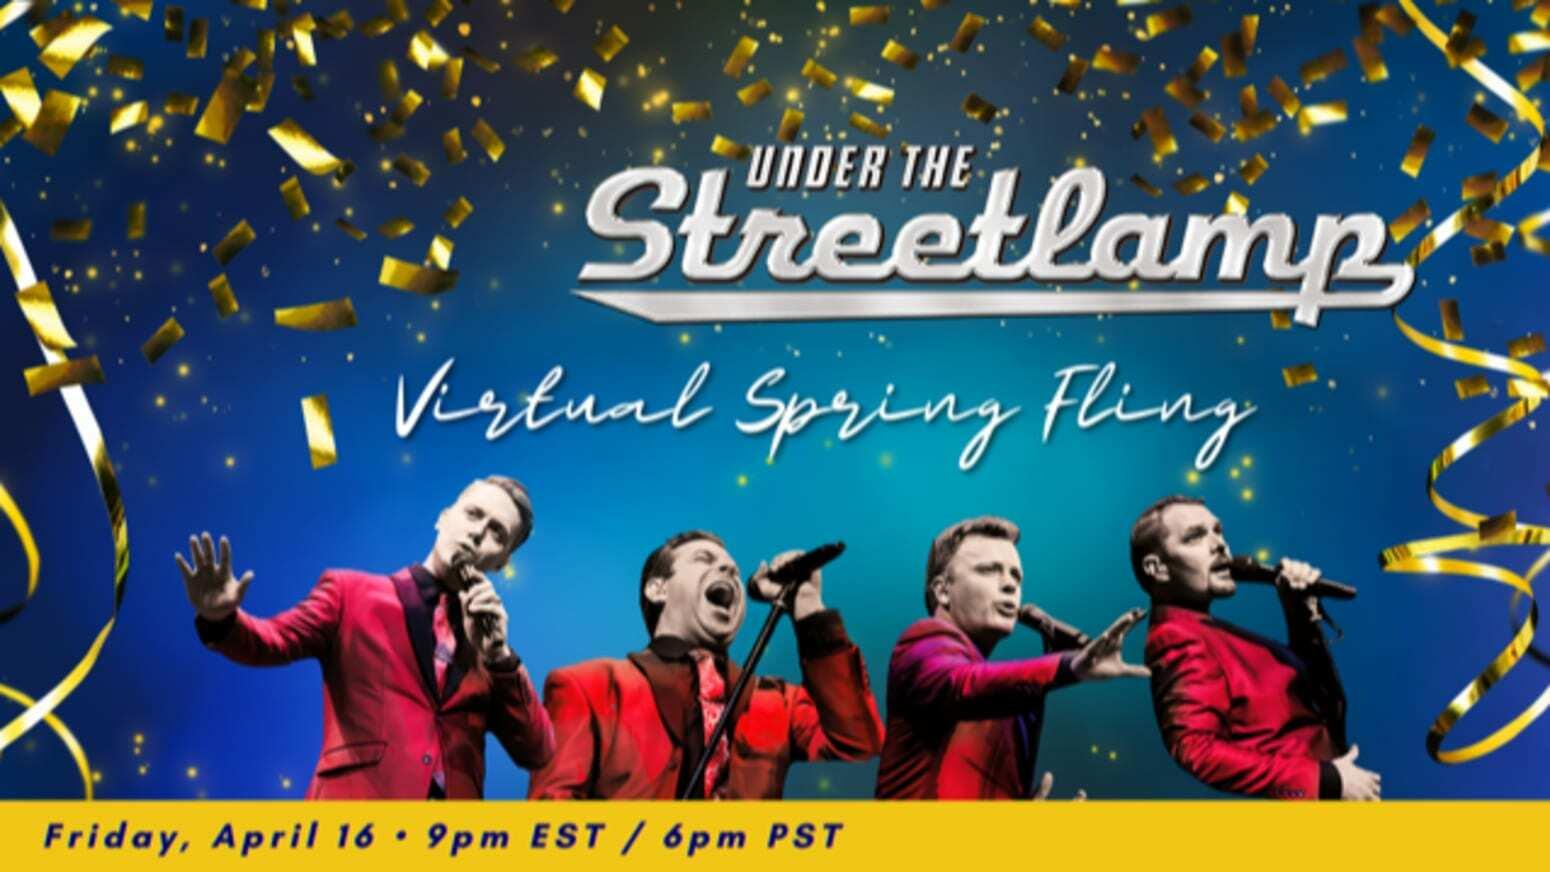 Virtual Spring Fling!